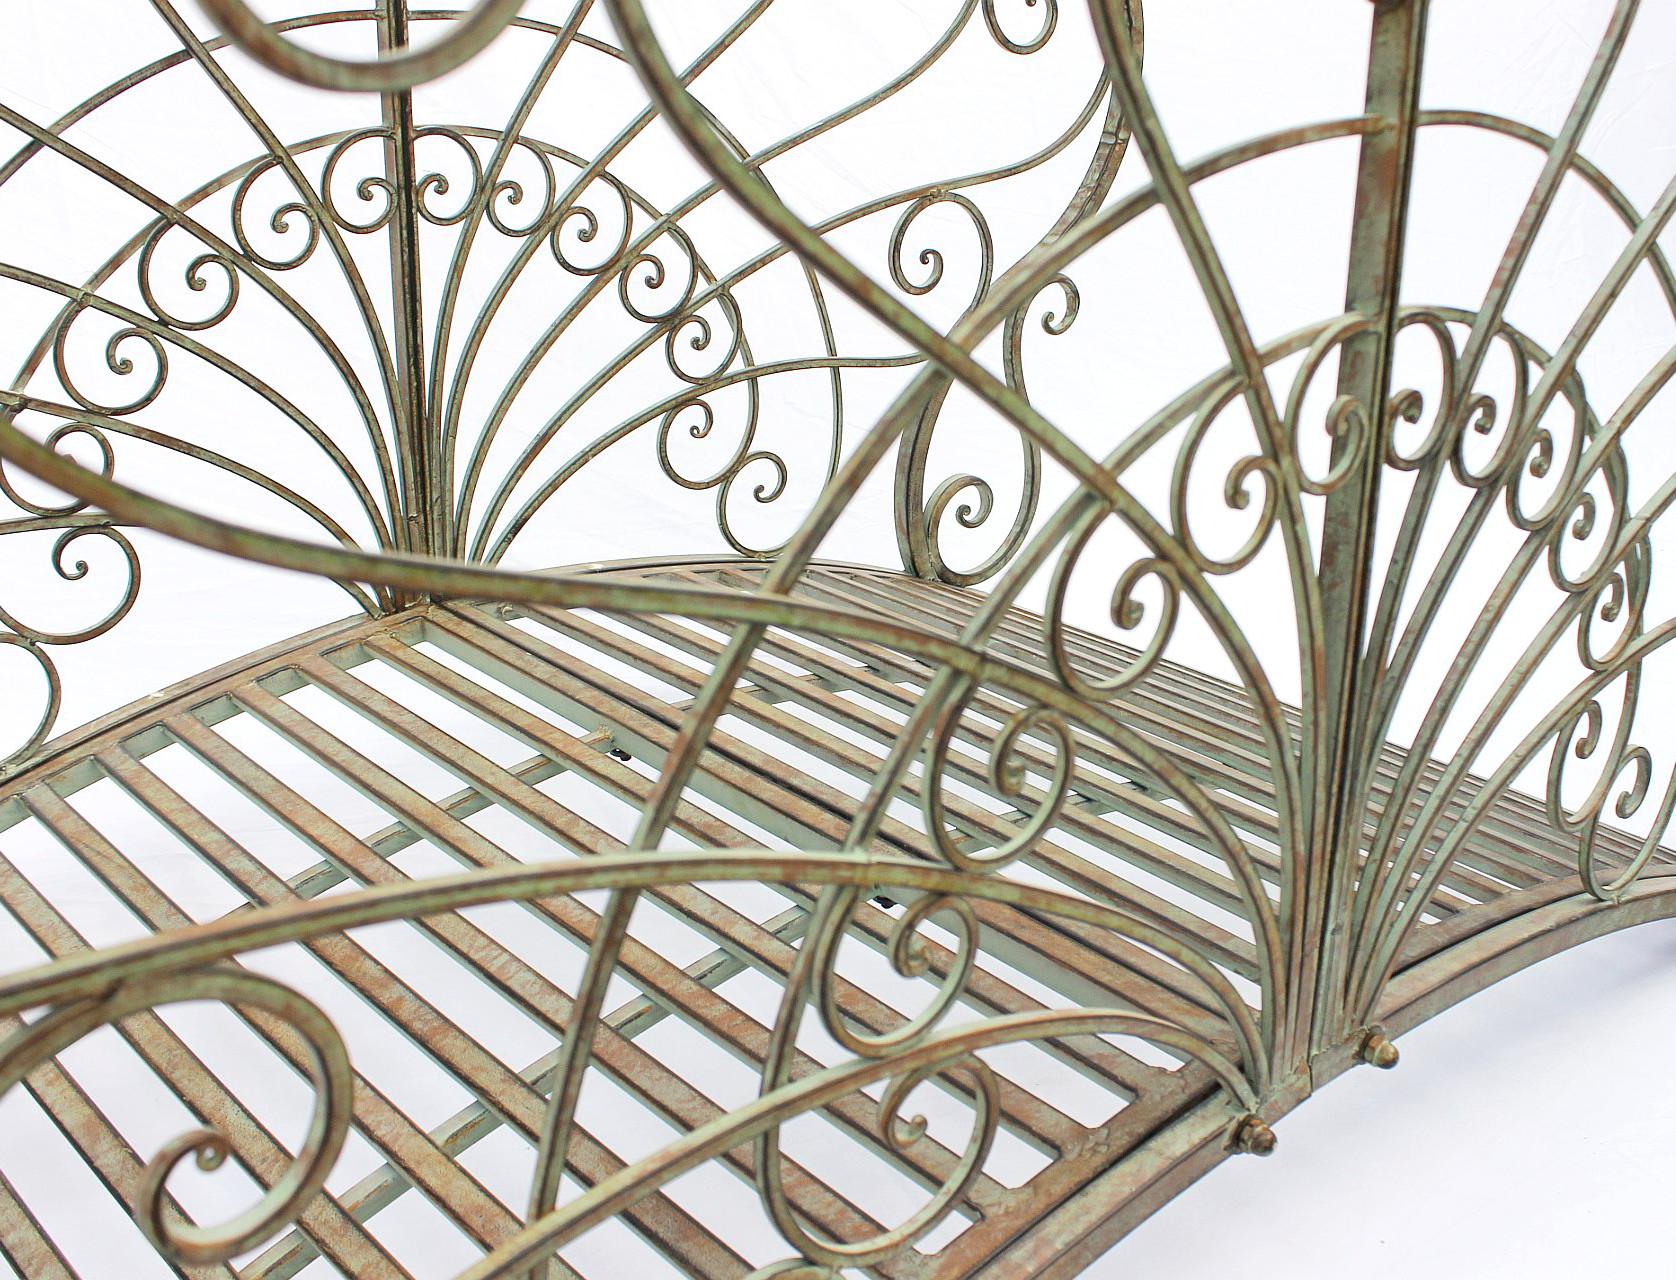 gartenbr cke teichbr cke aus metall geschmiedet und sehr stabil mit hochwertigen lackfarben. Black Bedroom Furniture Sets. Home Design Ideas